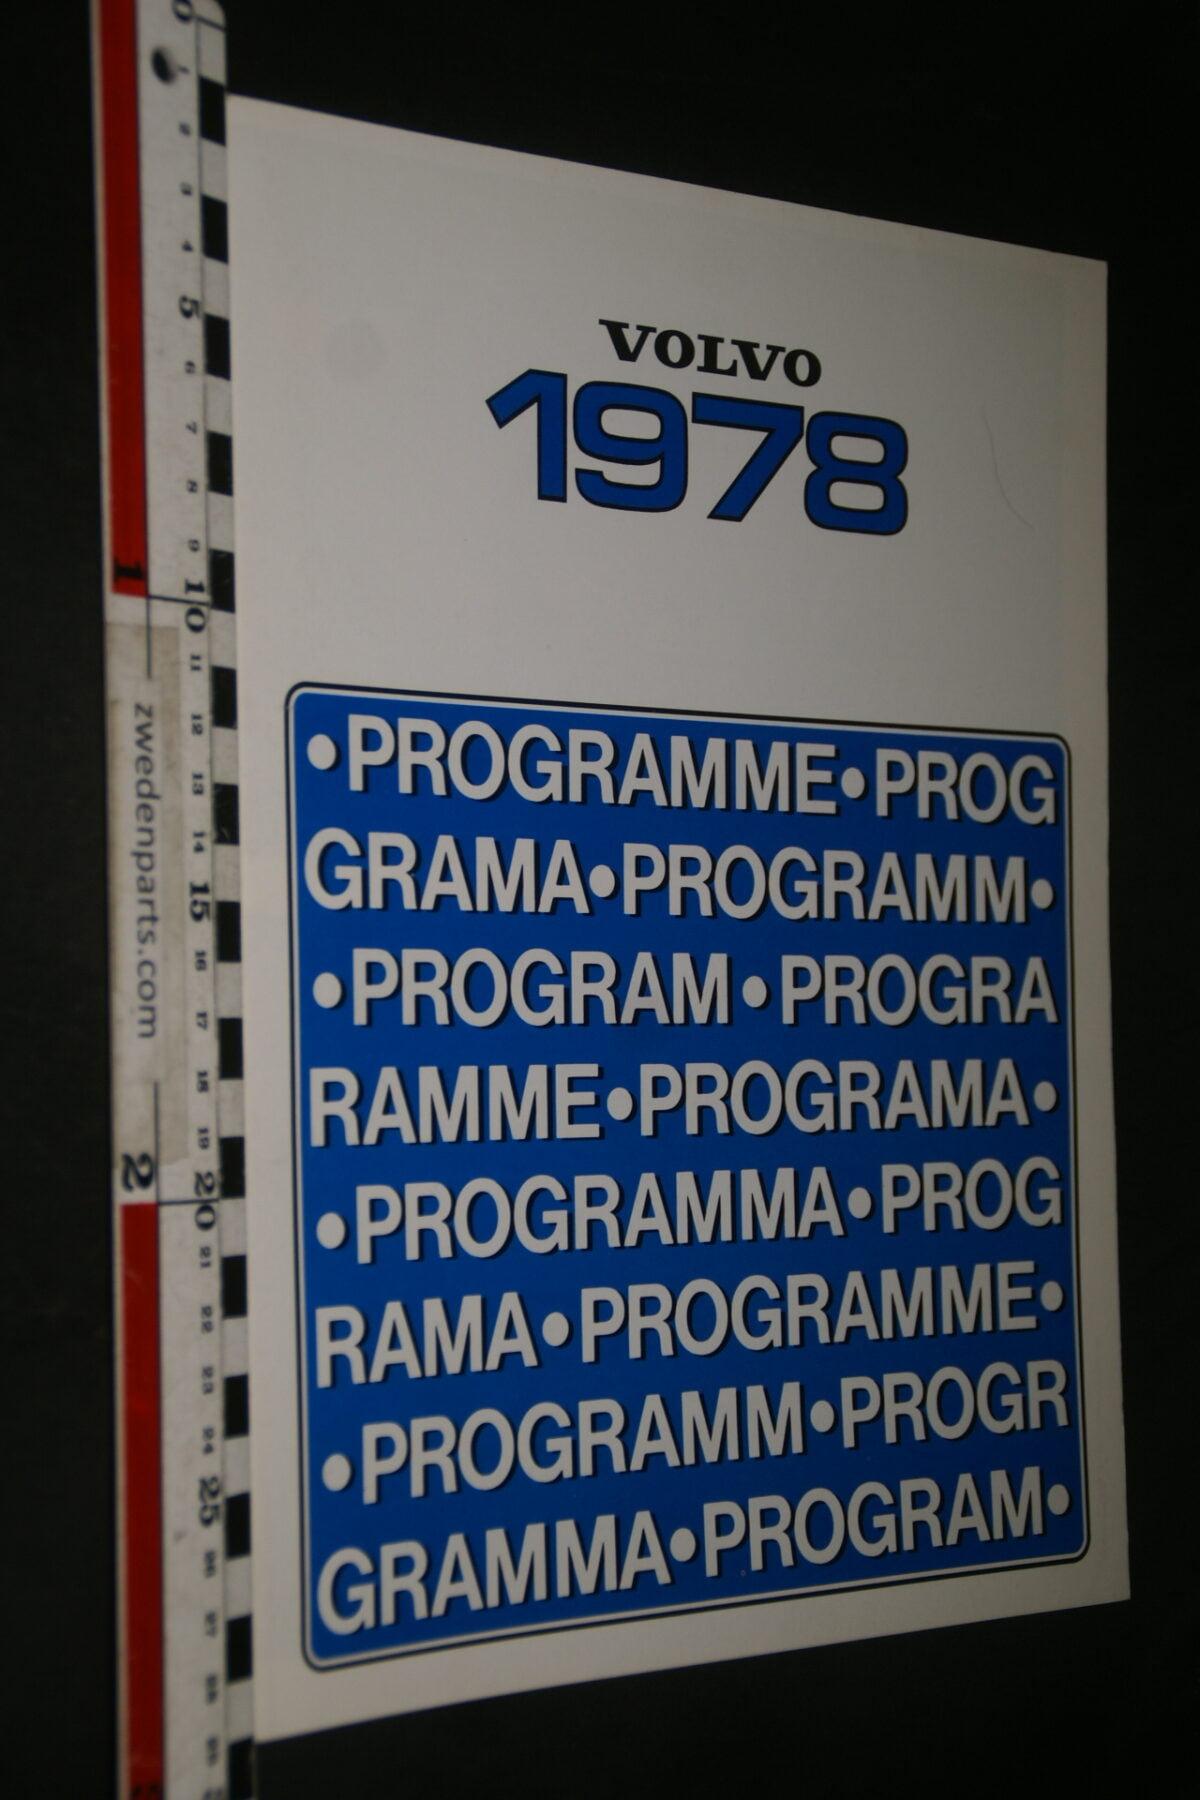 DSC03274 1978 originele brochure Volvo programma nr RSPPV 5330-7a7fa99e